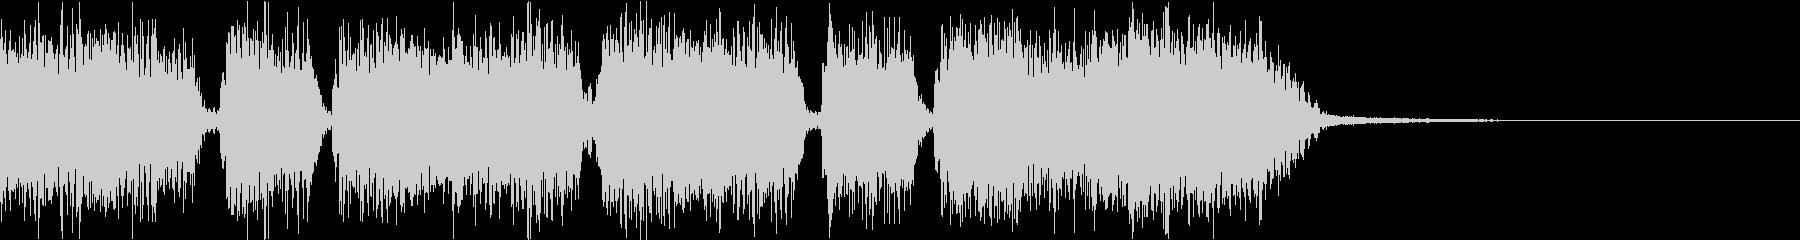 エネルギッシュ・ロックなサウンドロゴ01の未再生の波形